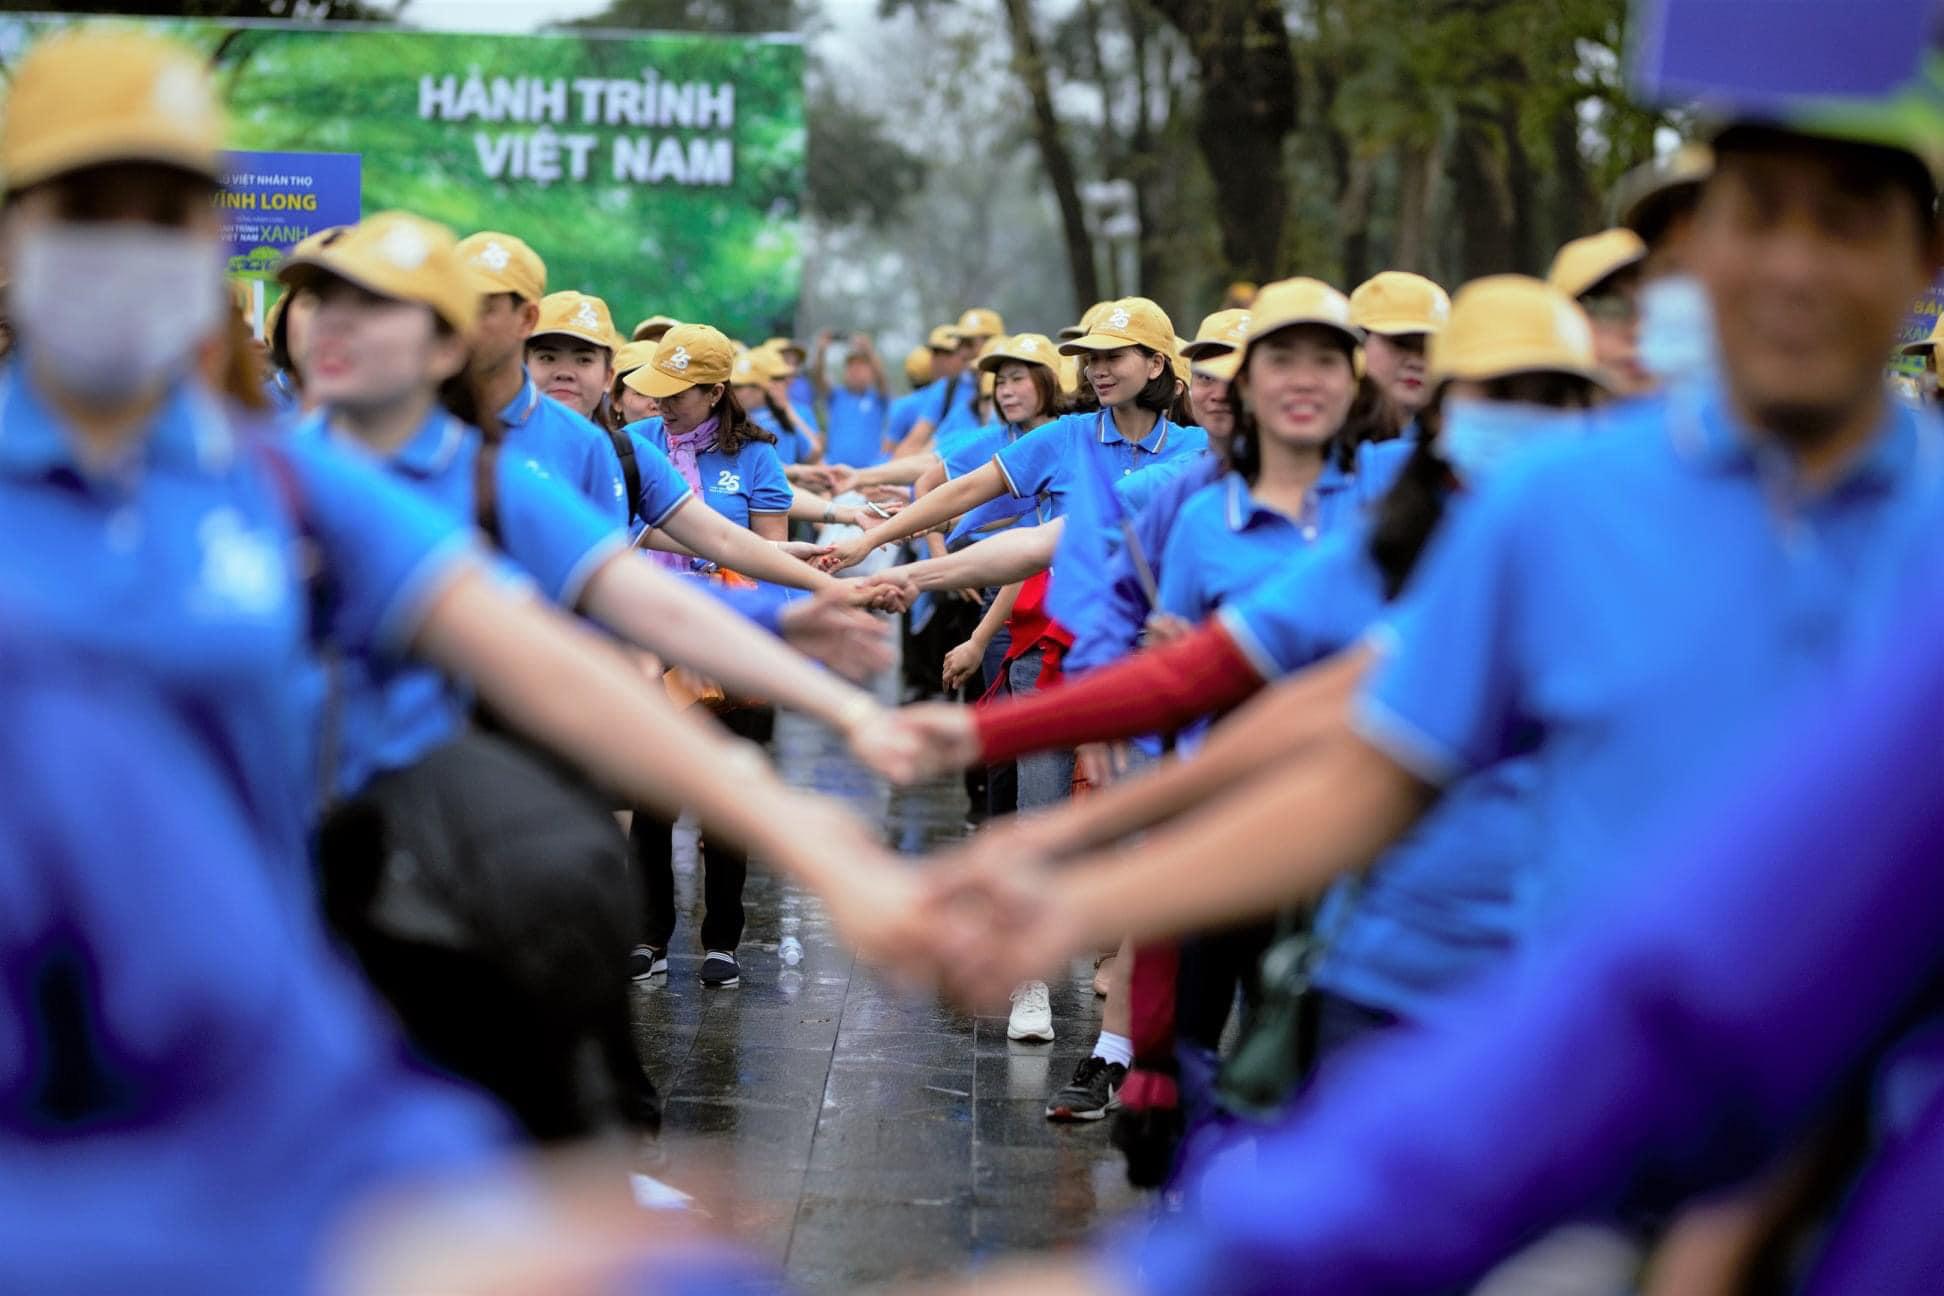 Trồng 2.500 cây gỗ bản địa đầu tiên tại Khu bảo tồn thiên nhiên Phong Điền - Ảnh 1.